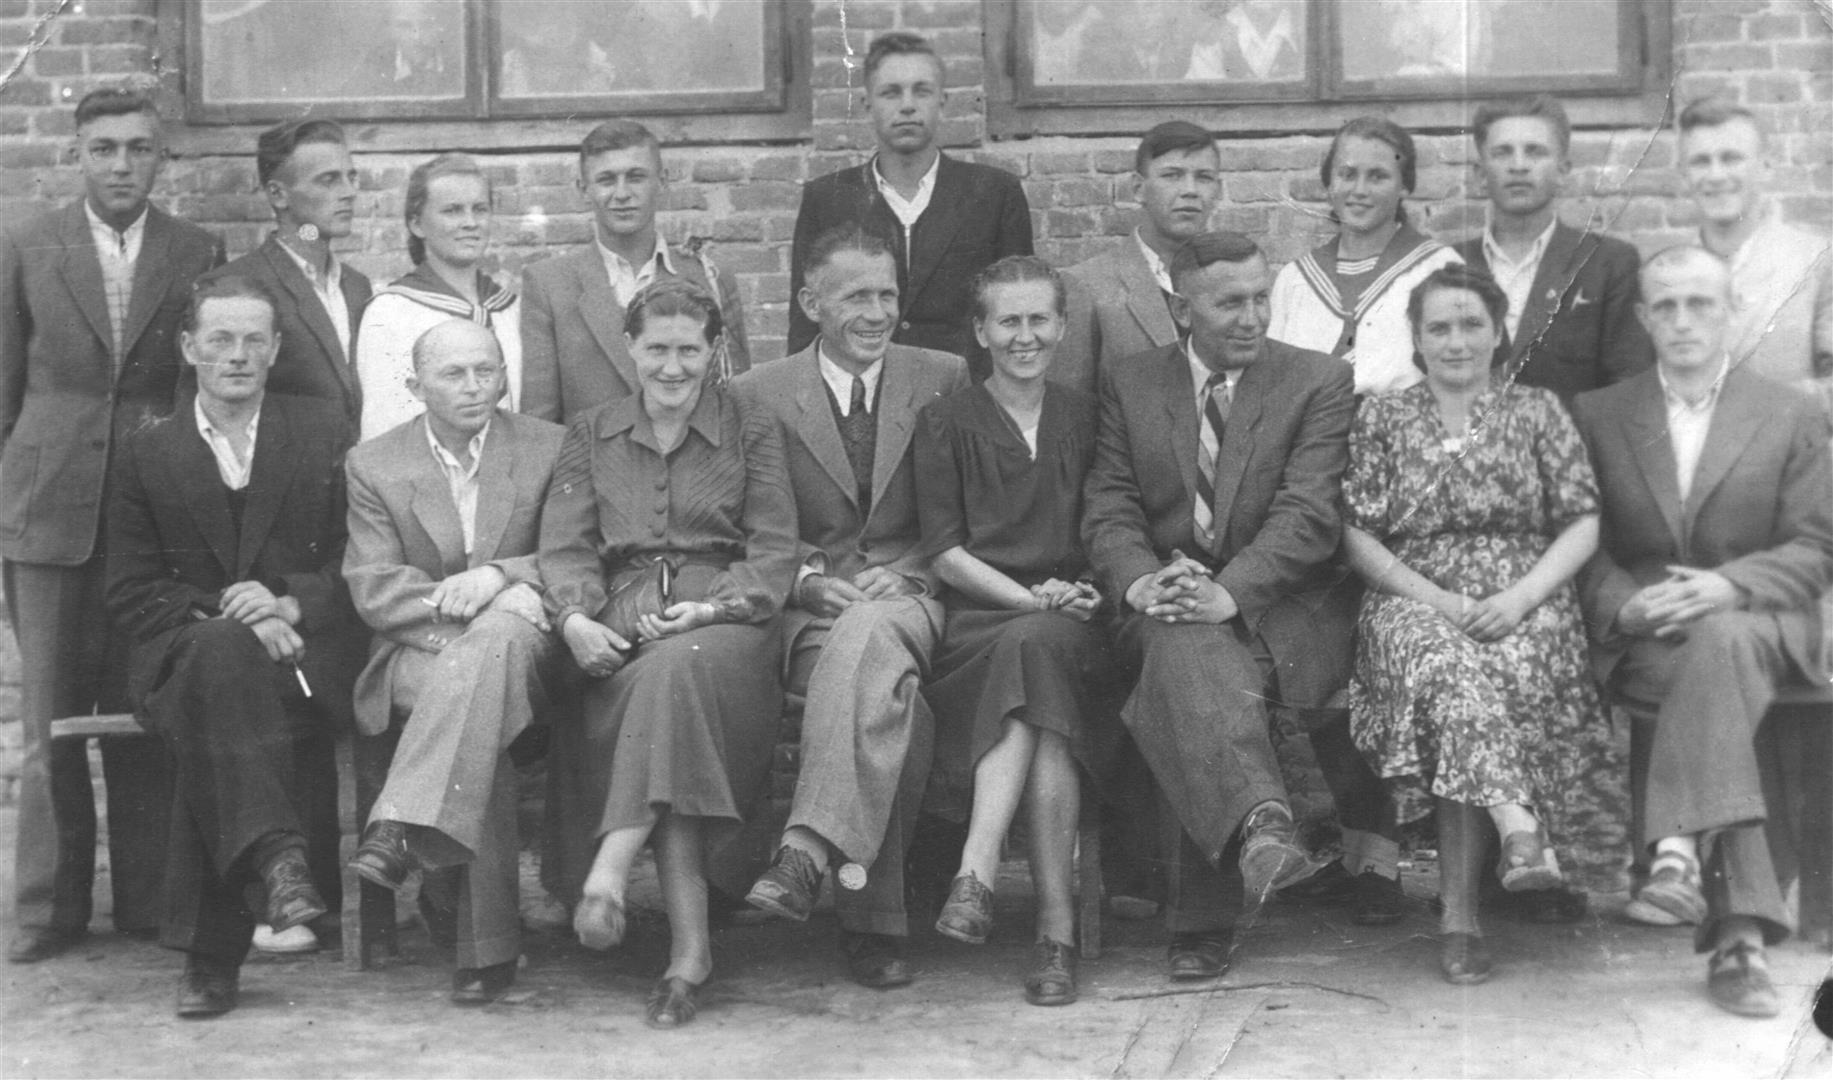 Józef Twaróg (siedzi trzeci z prawej) wraz z małżonką - Heleną Twaróg (siedzi druga z prawej) i nauczycielami oraz  absolwentami szkoły zawodowej. Księżomierz początek lat 60-tych  XX wieku